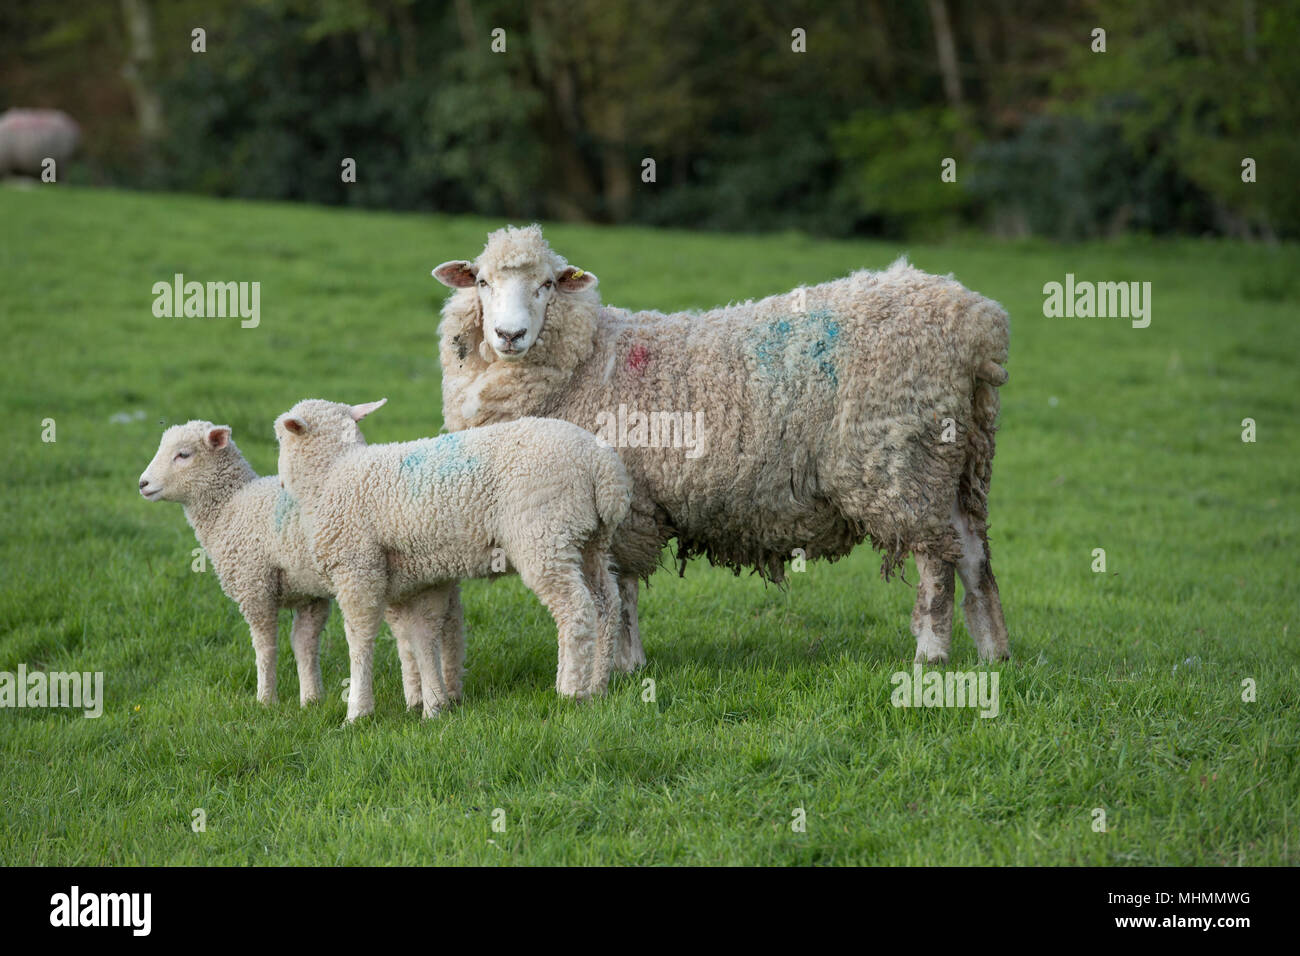 Las ovejas y corderos de un rebaño de ovejas Imagen De Stock